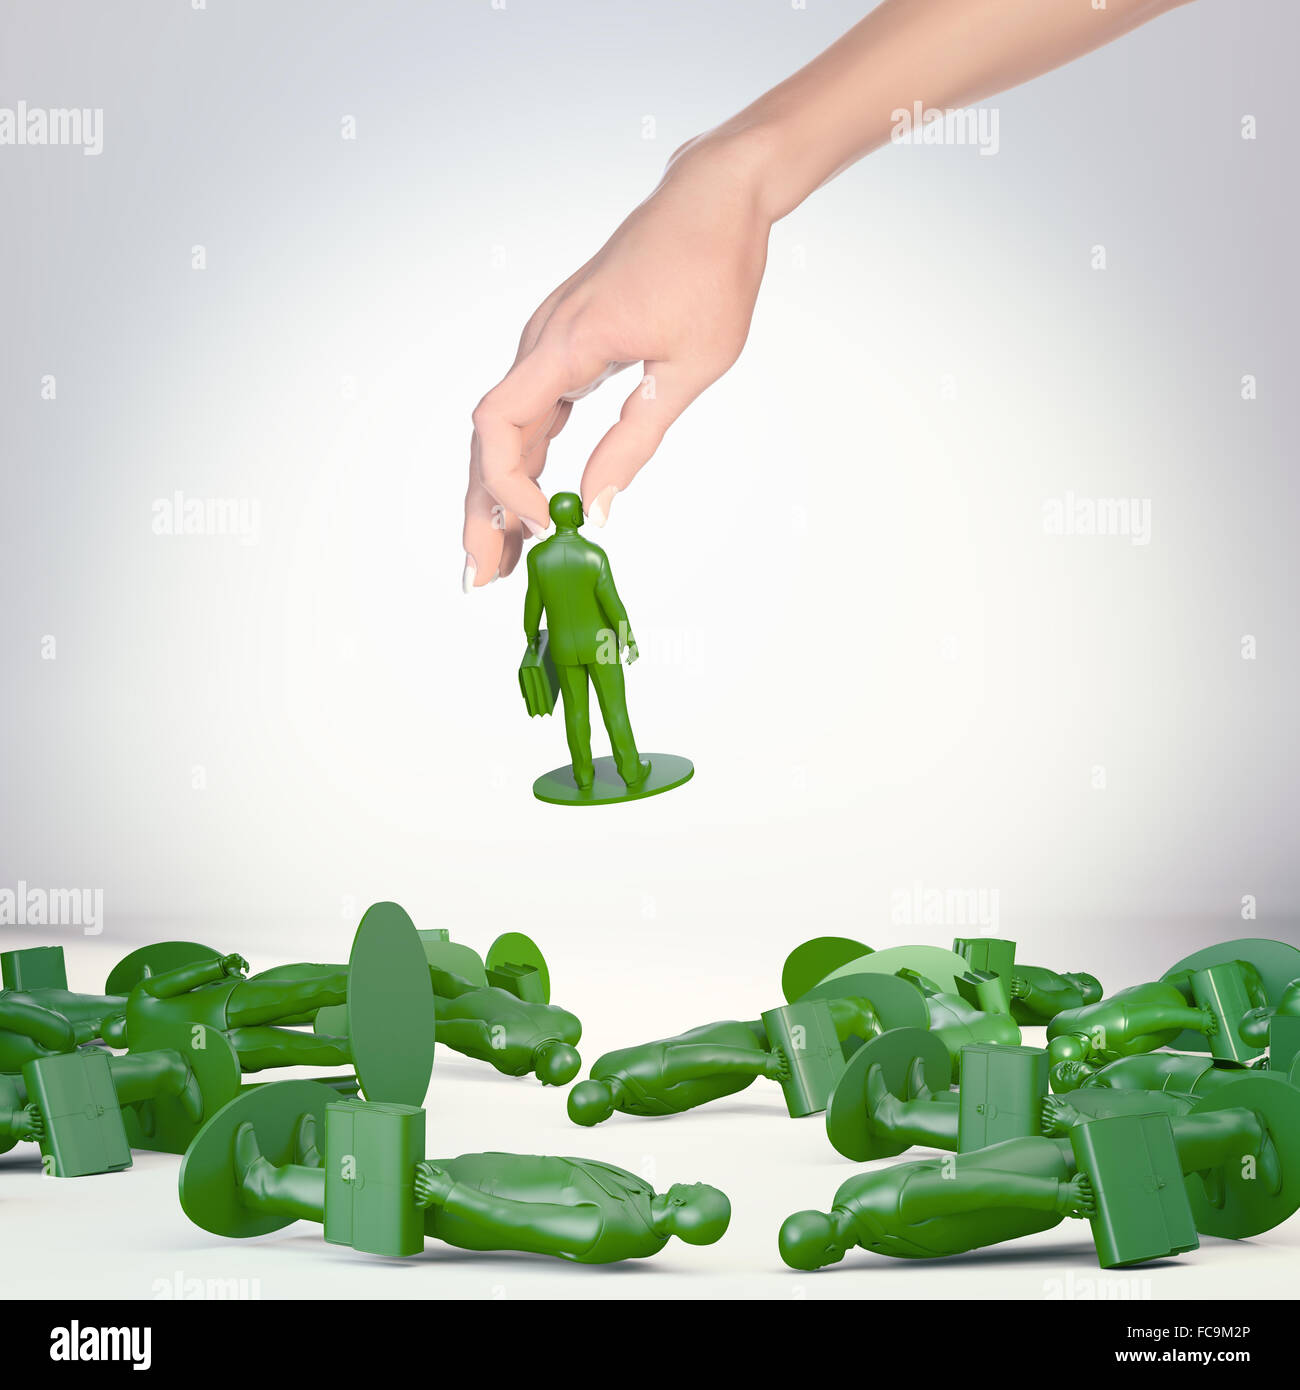 Spielzeug-Unternehmer zahlen - Konzept Erfolg und Träger Stockbild